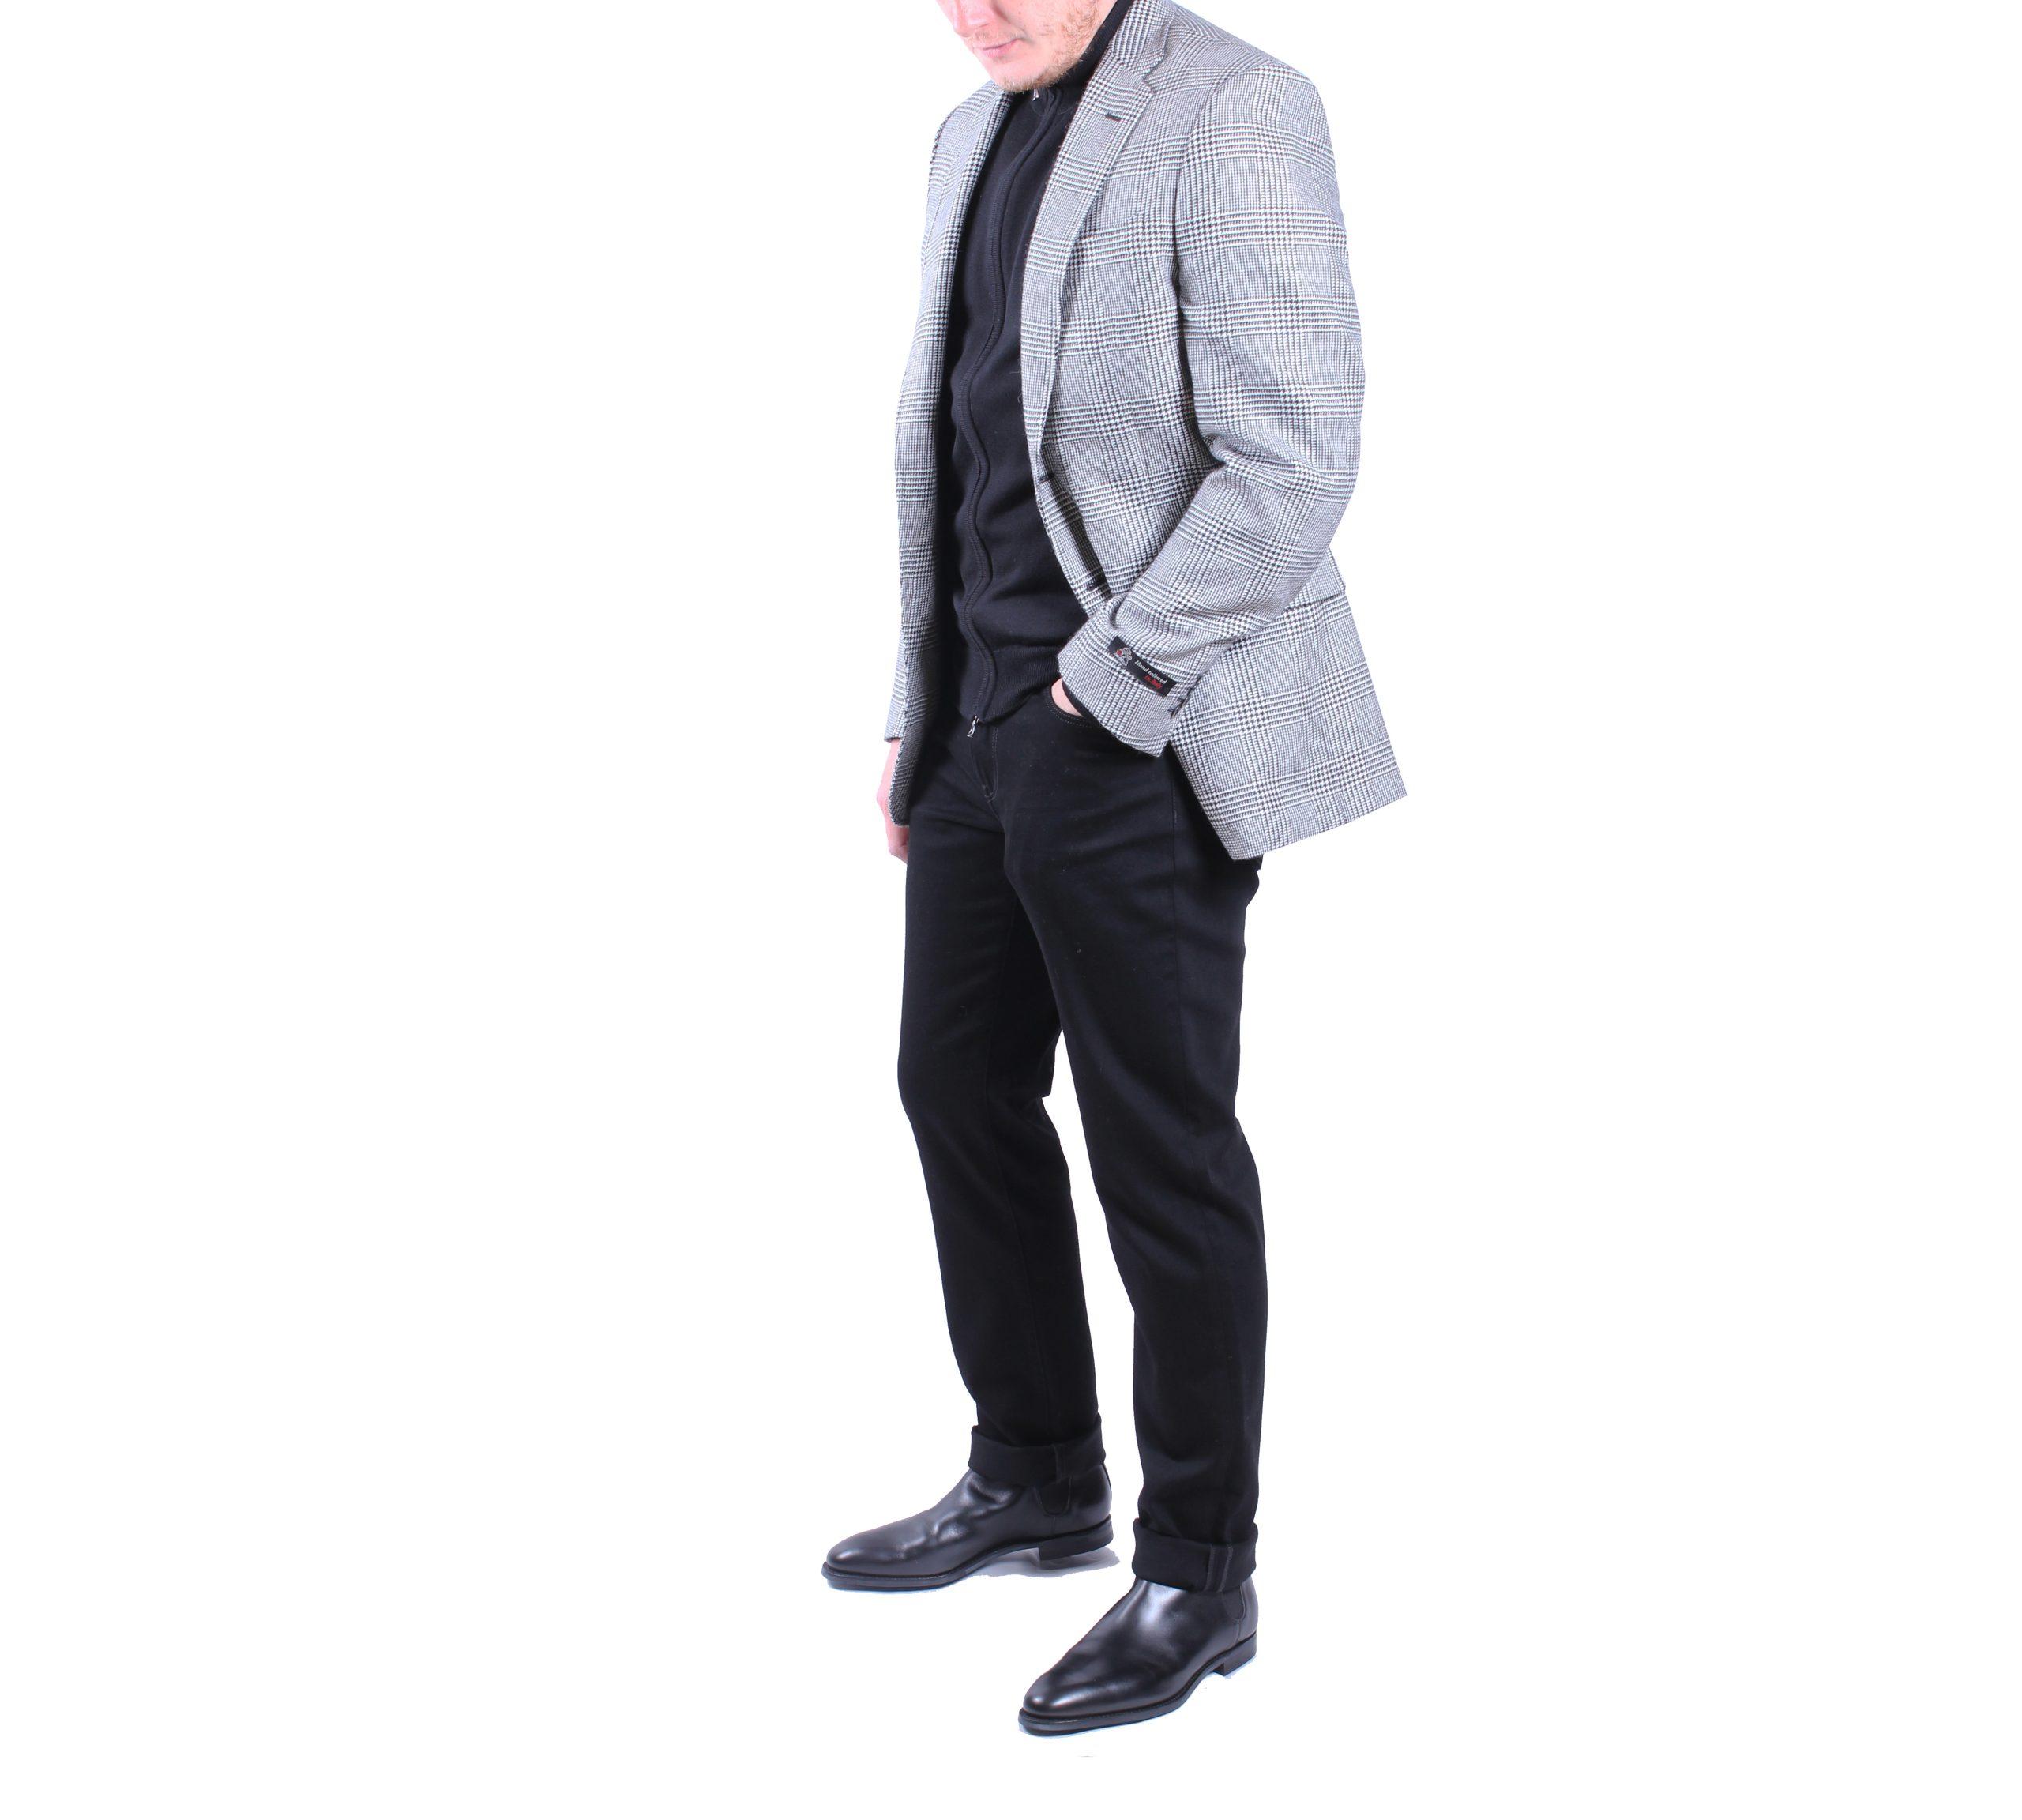 James Bond Chelsea Outfit